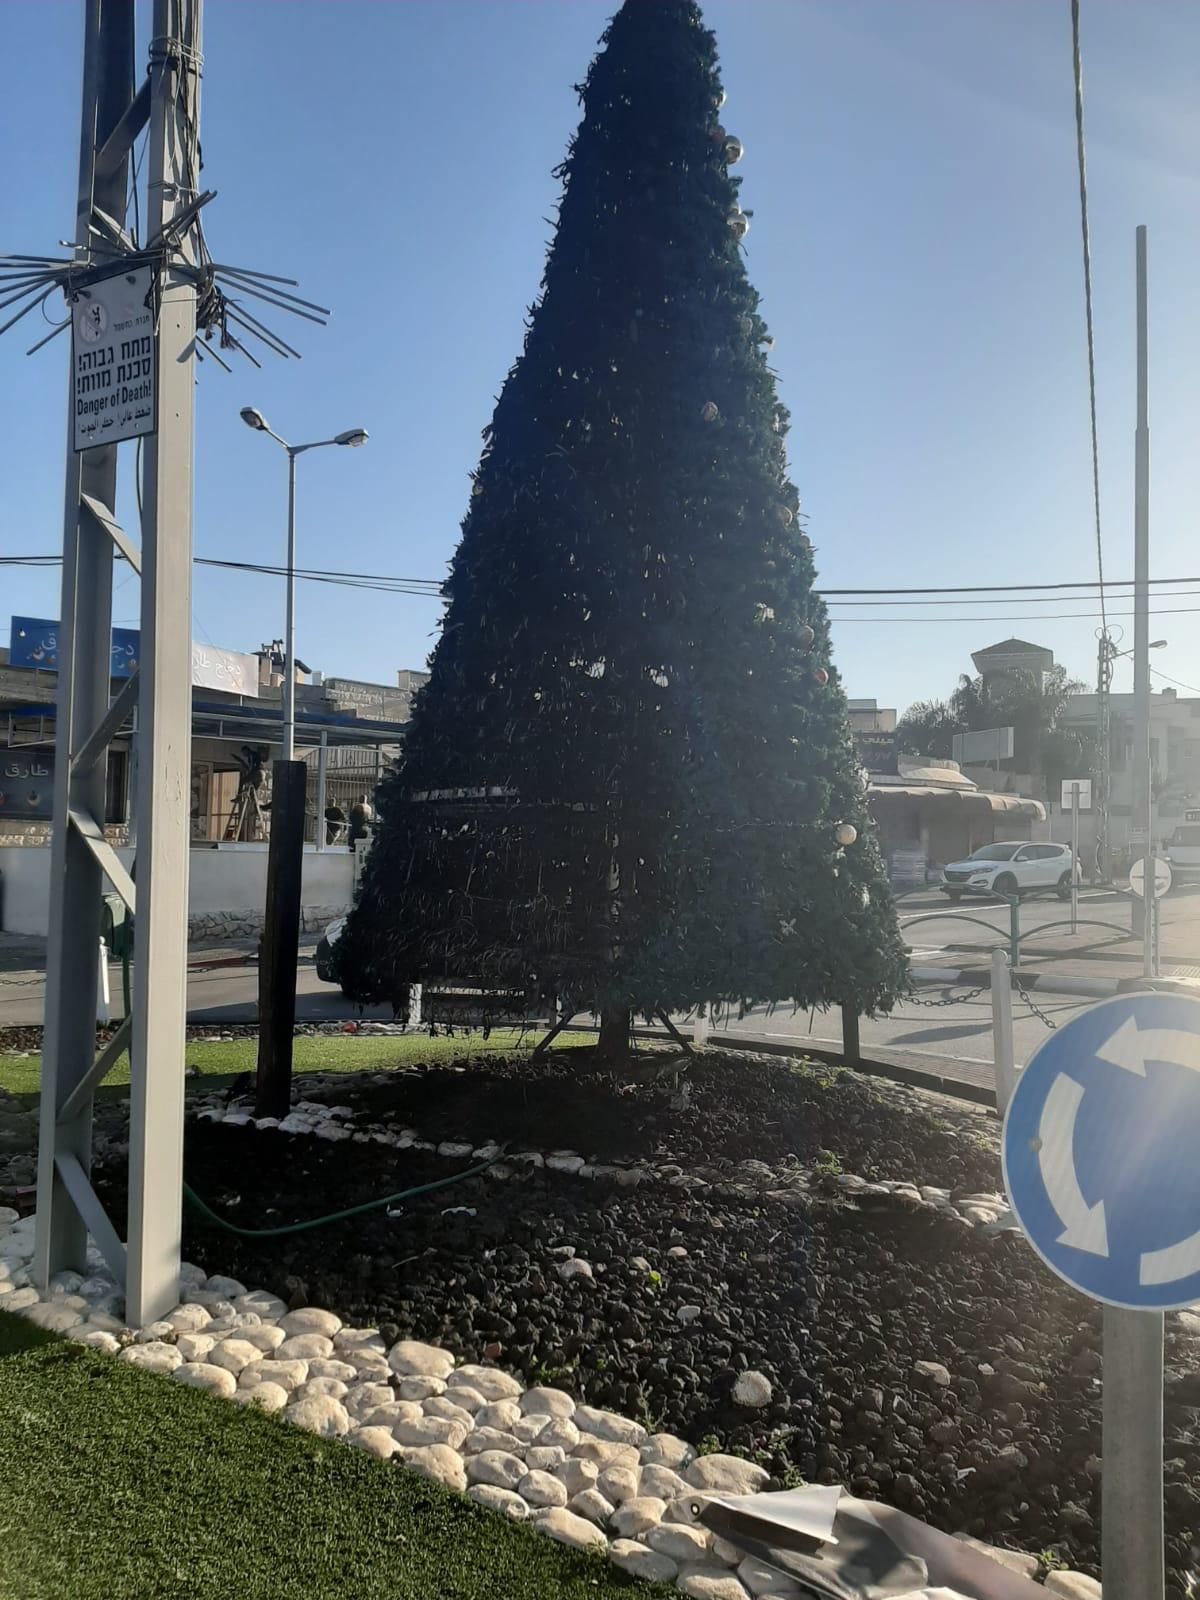 جديدة المكر: إضرام النار بشجرتي عيد الميلاد بعد الاحتفال بإضاءتهما